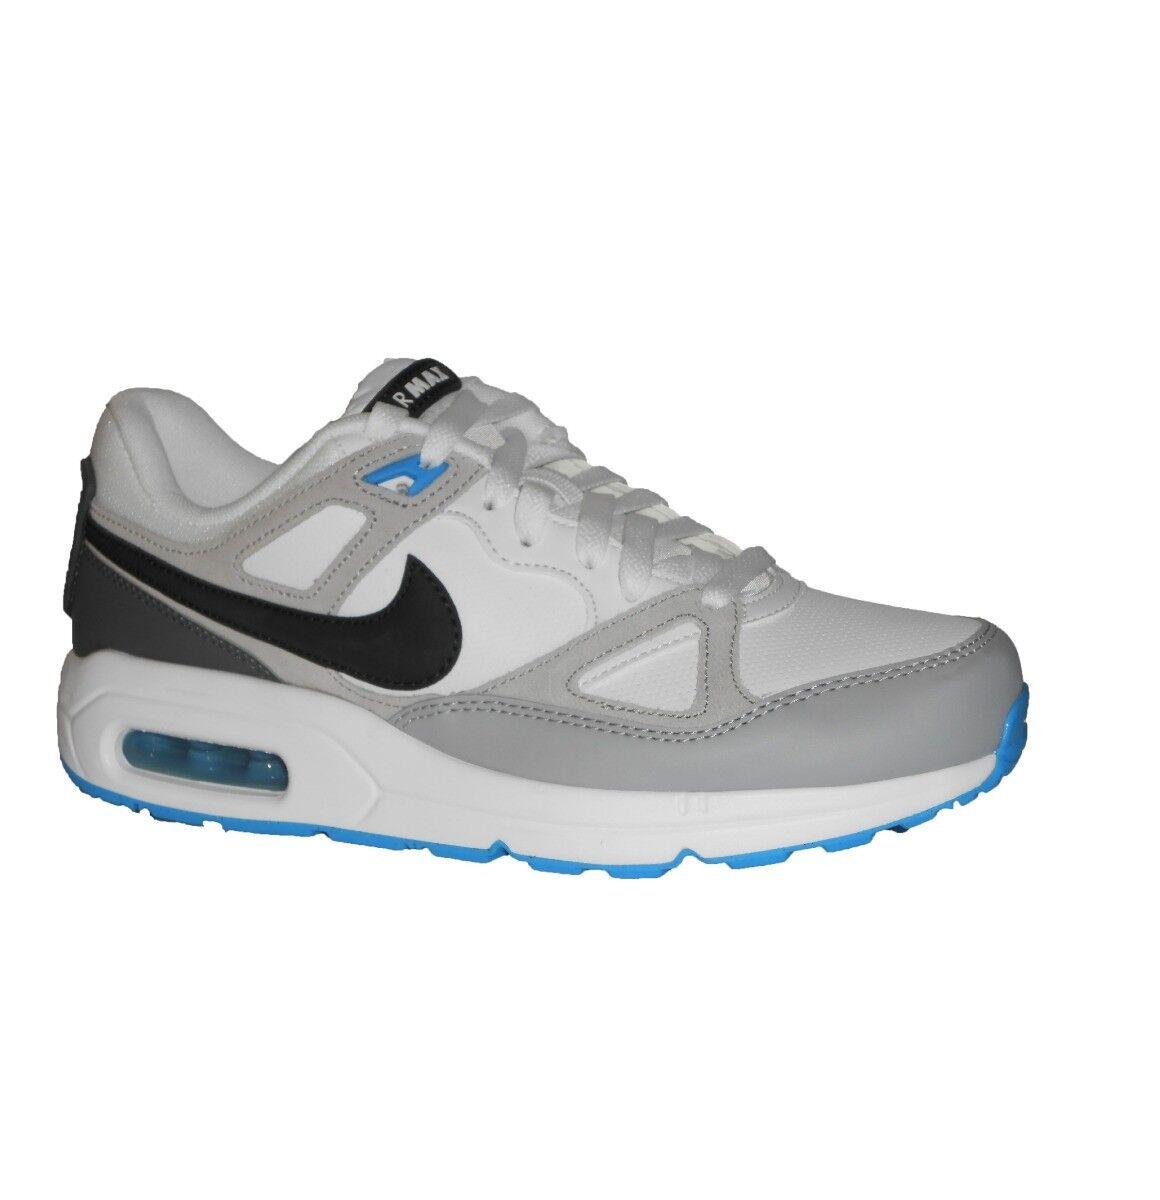 chez nike air en air chaussures durée court de max air en blanc et noir. bd9c97